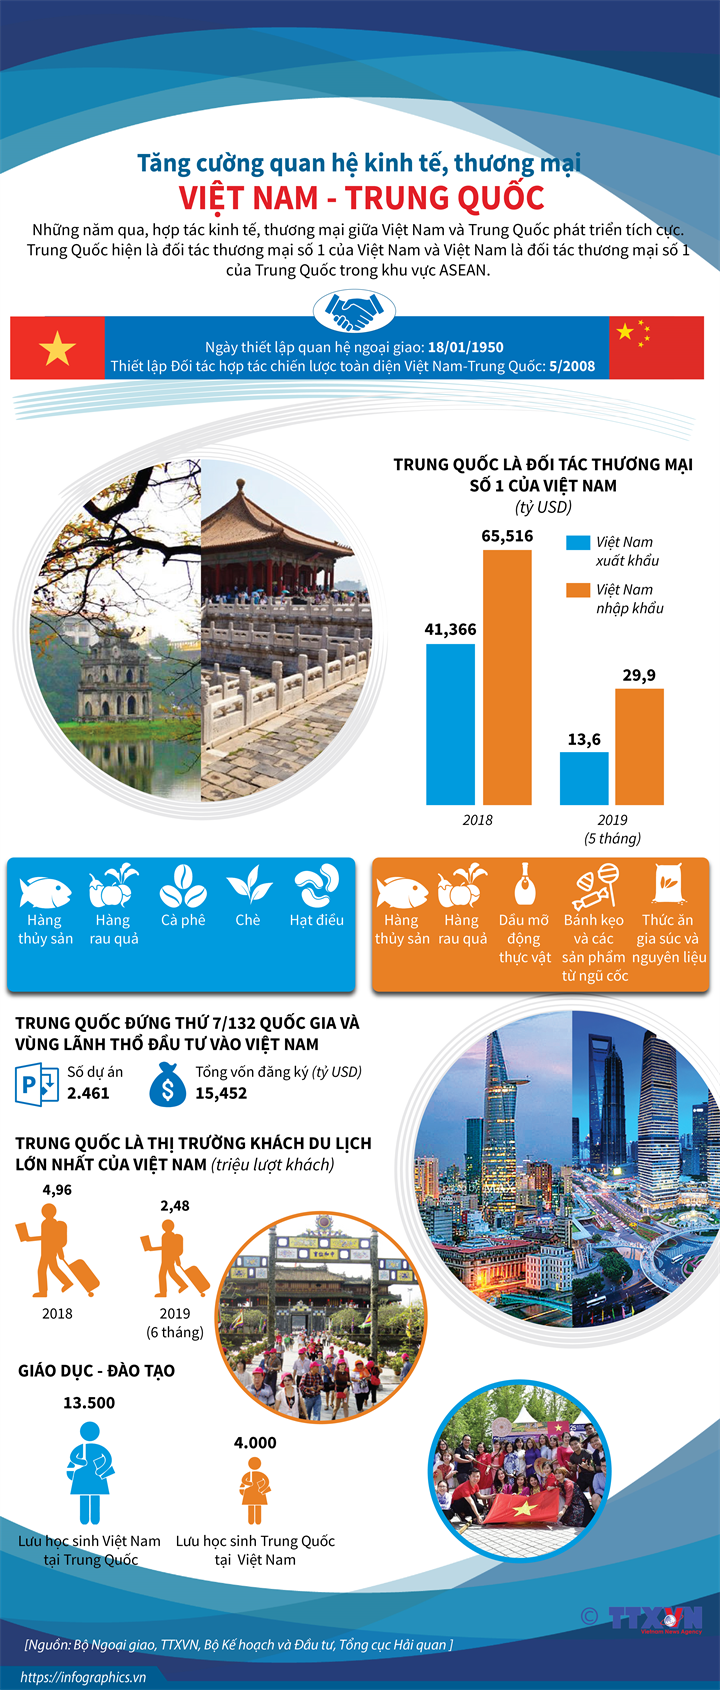 Tăng cường quan hệ kinh tế, thương mại Việt Nam - Trung Quốc